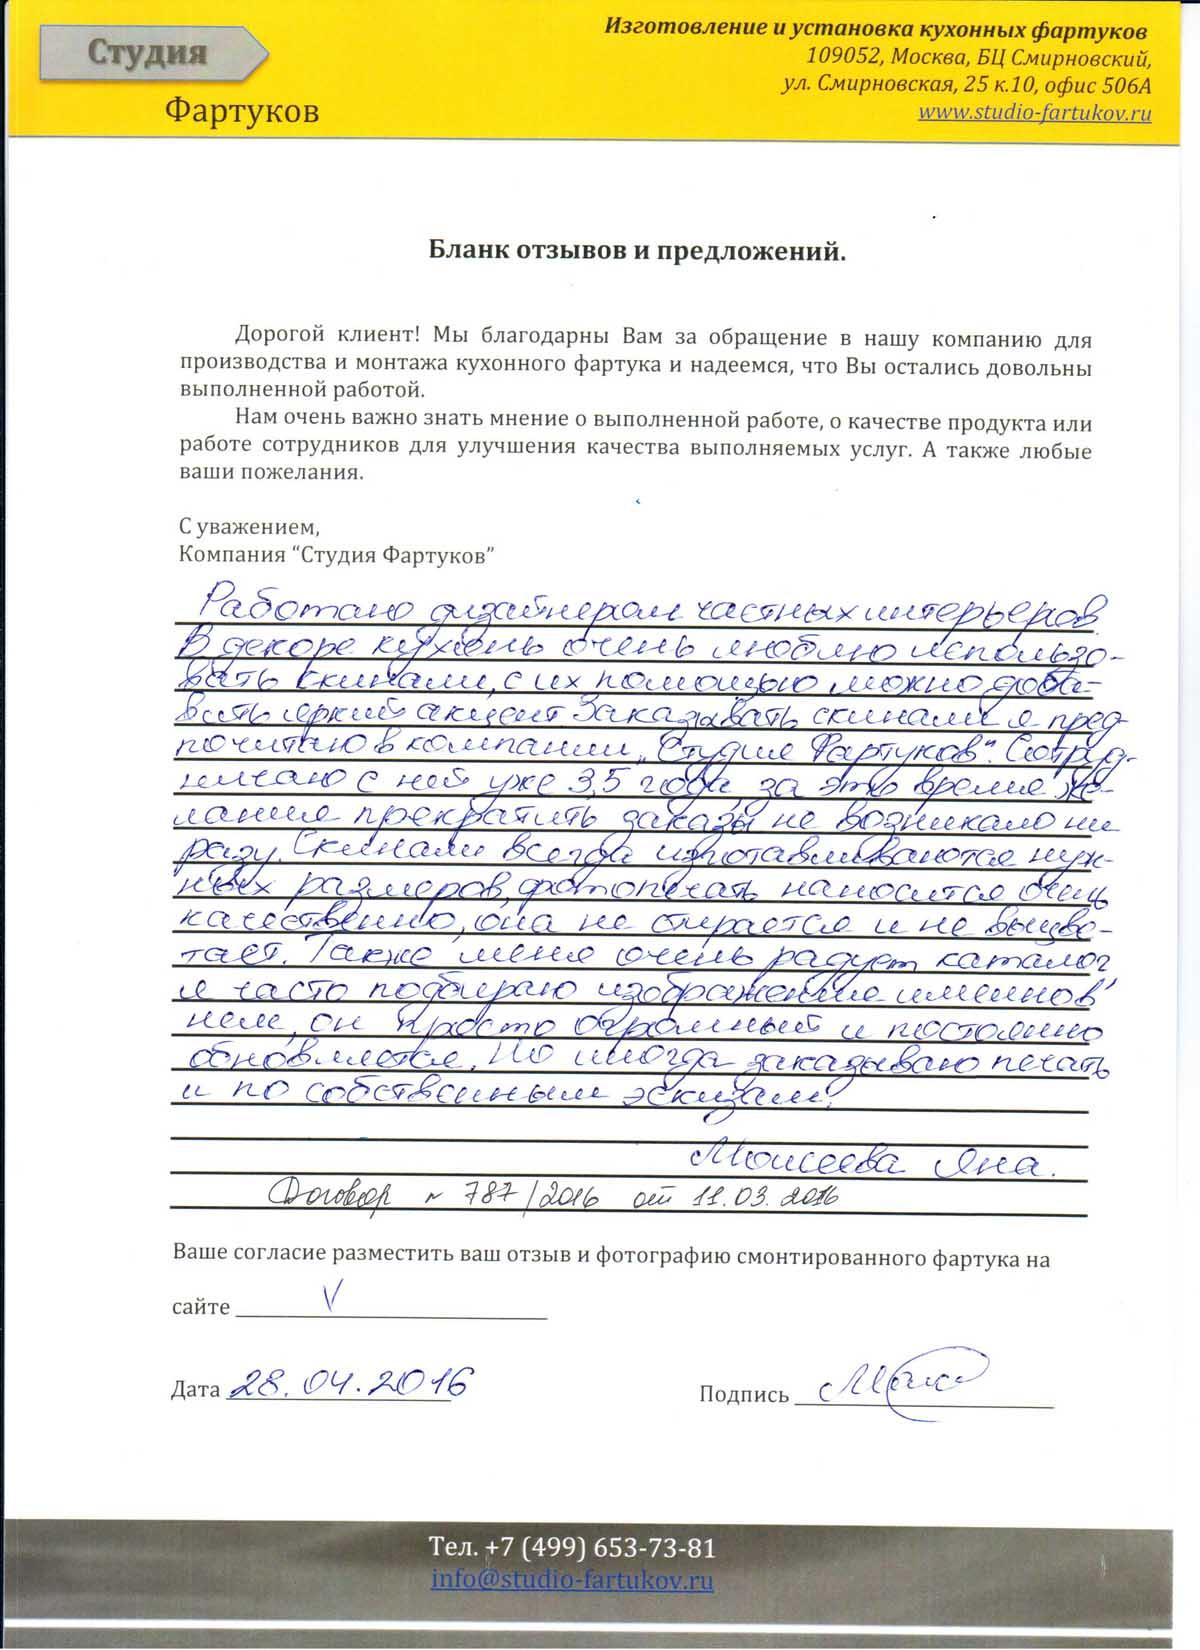 Отзыв Моисеевой Яны от 28.04.2016 по Договору №787/2016